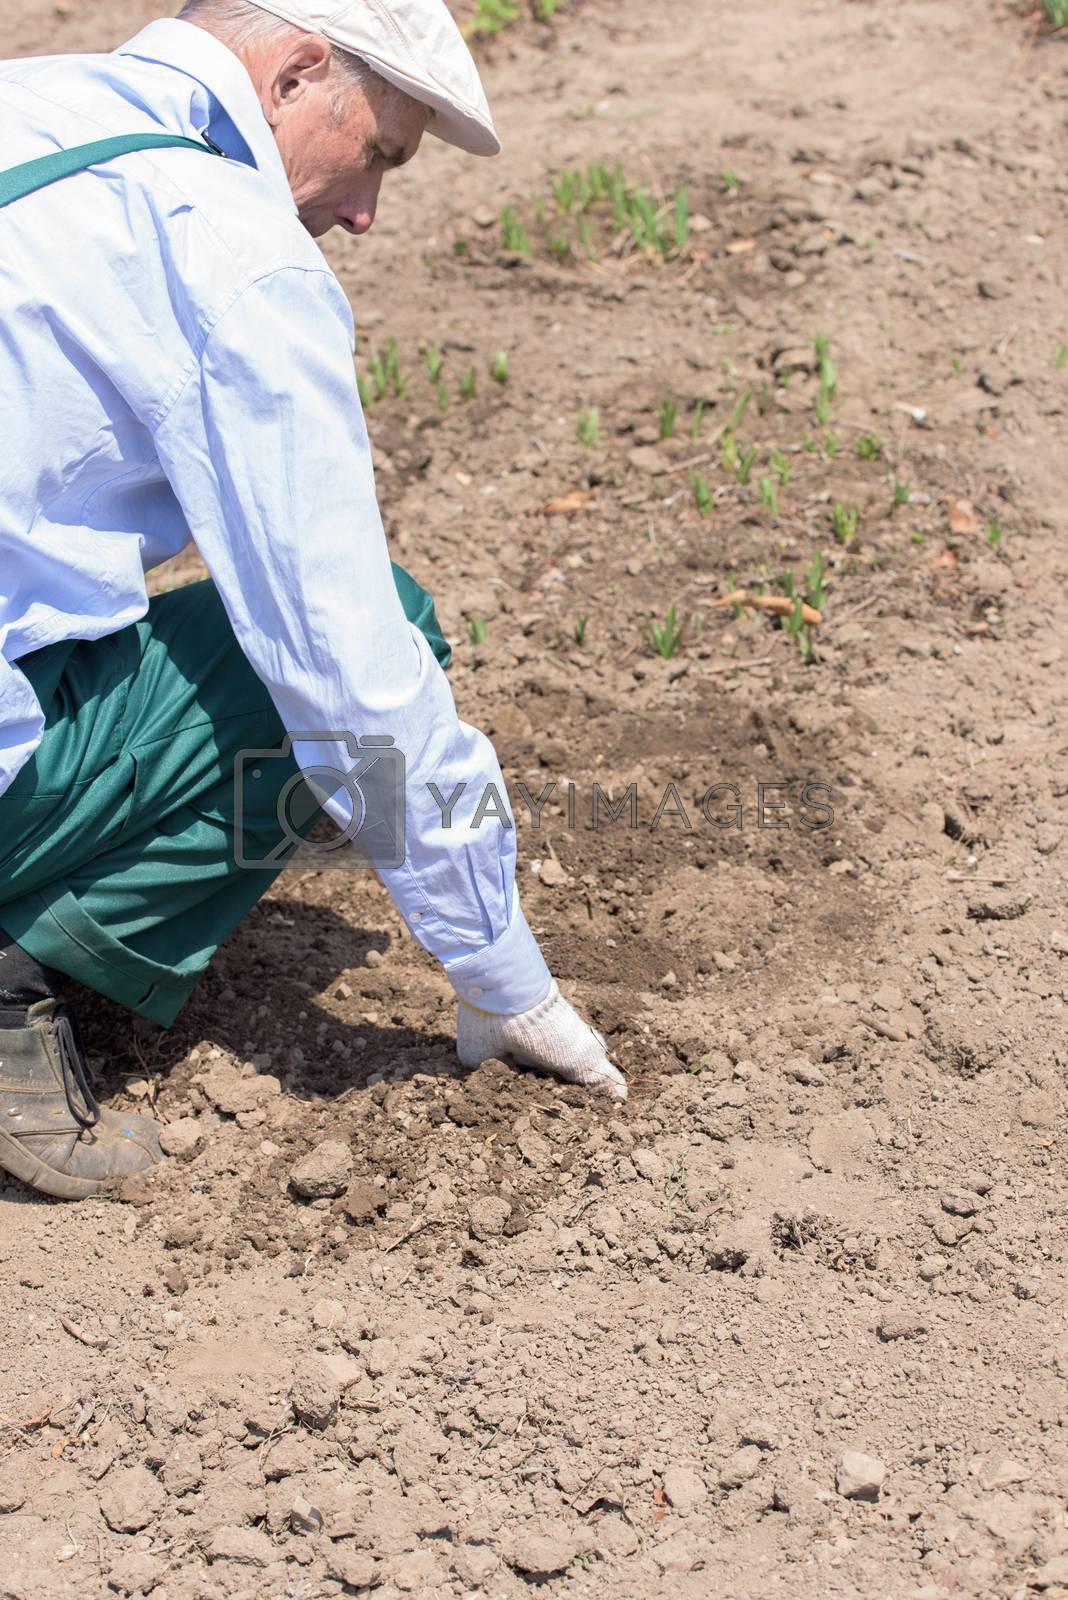 Farmer or employee working in the field. Farmer growing plant.